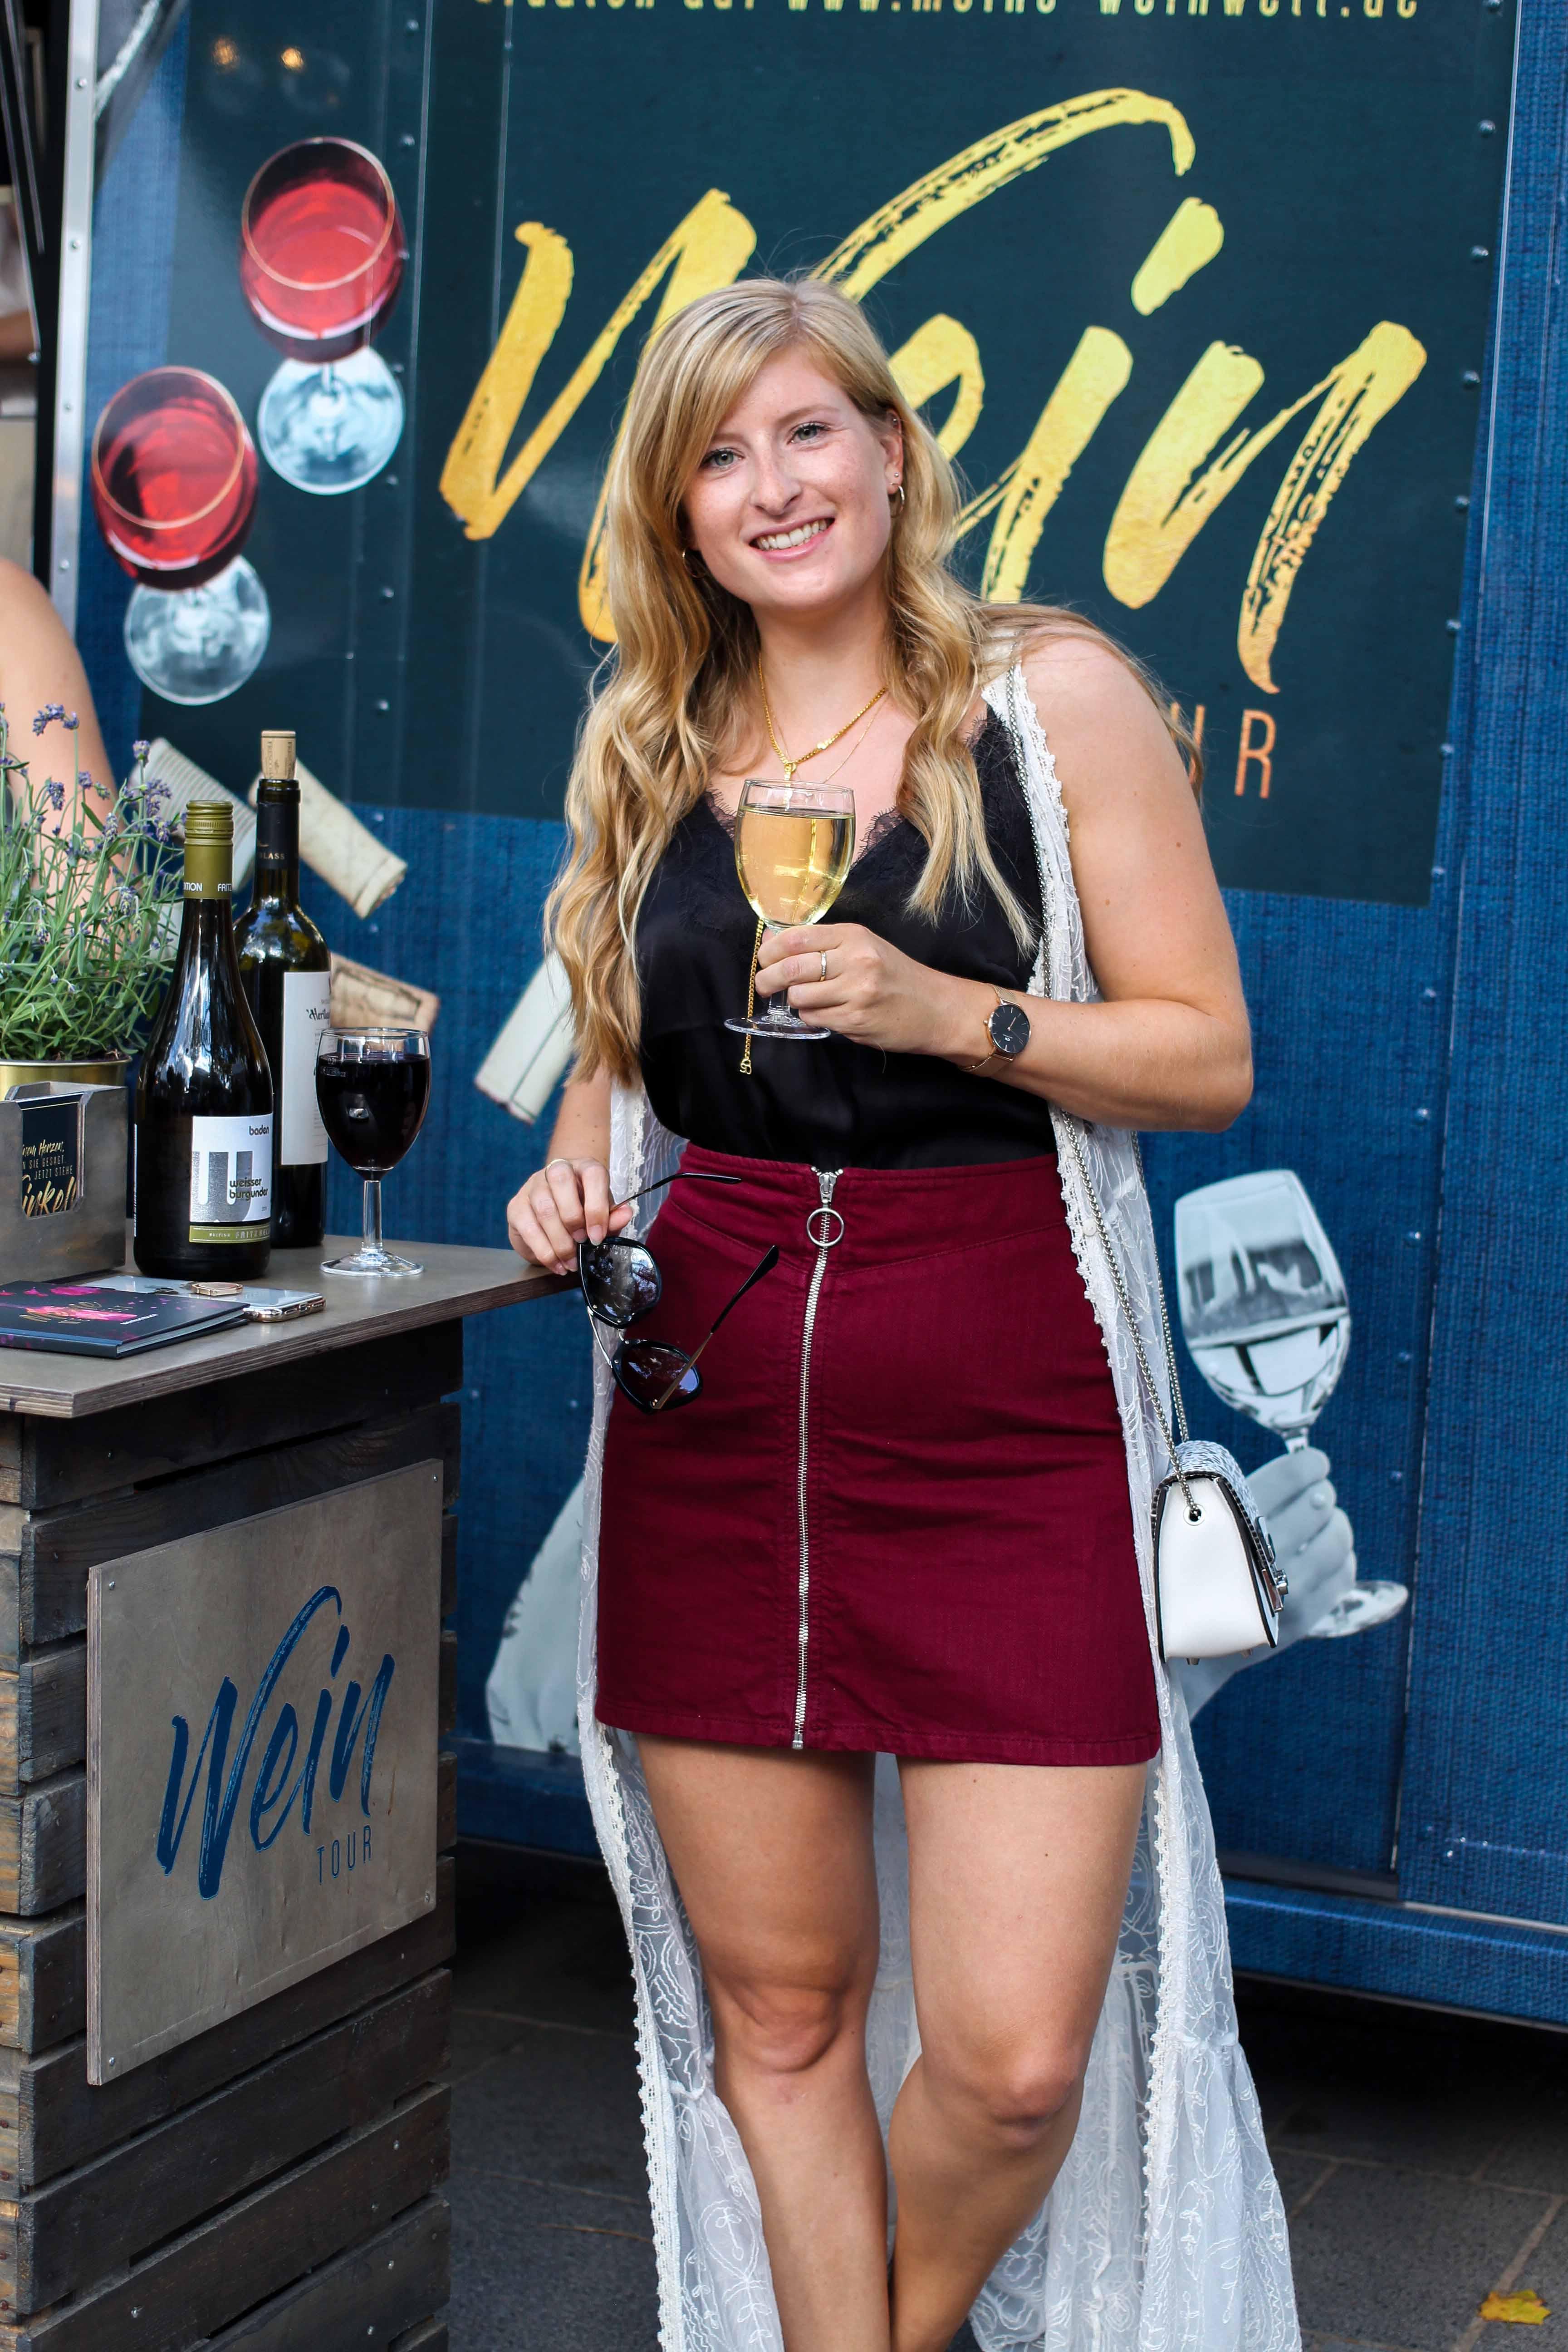 Aldi Süd Wein Tour Weinprobe Wein Truck Rheinuferfest Köln Weißwein Rotwein Outfit Stadtfest